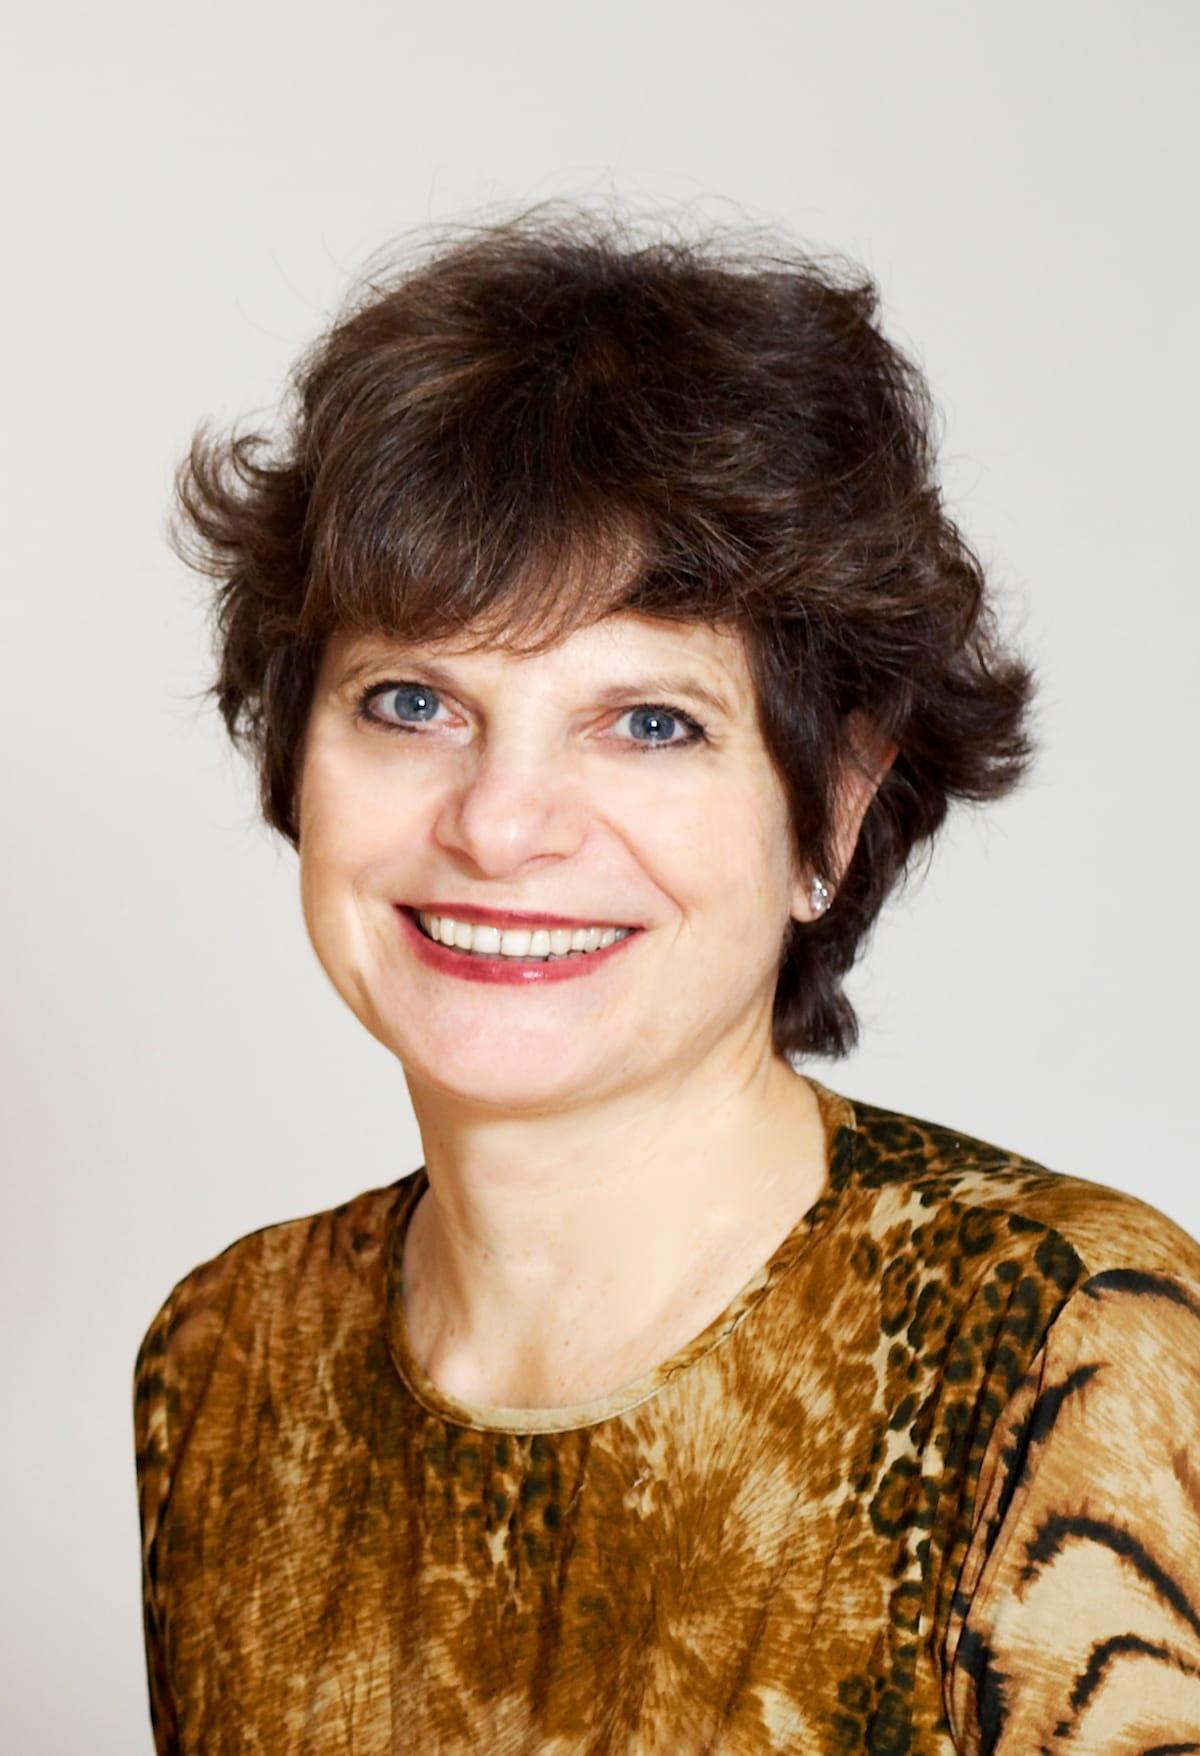 Deborah Lynn from Ojochal